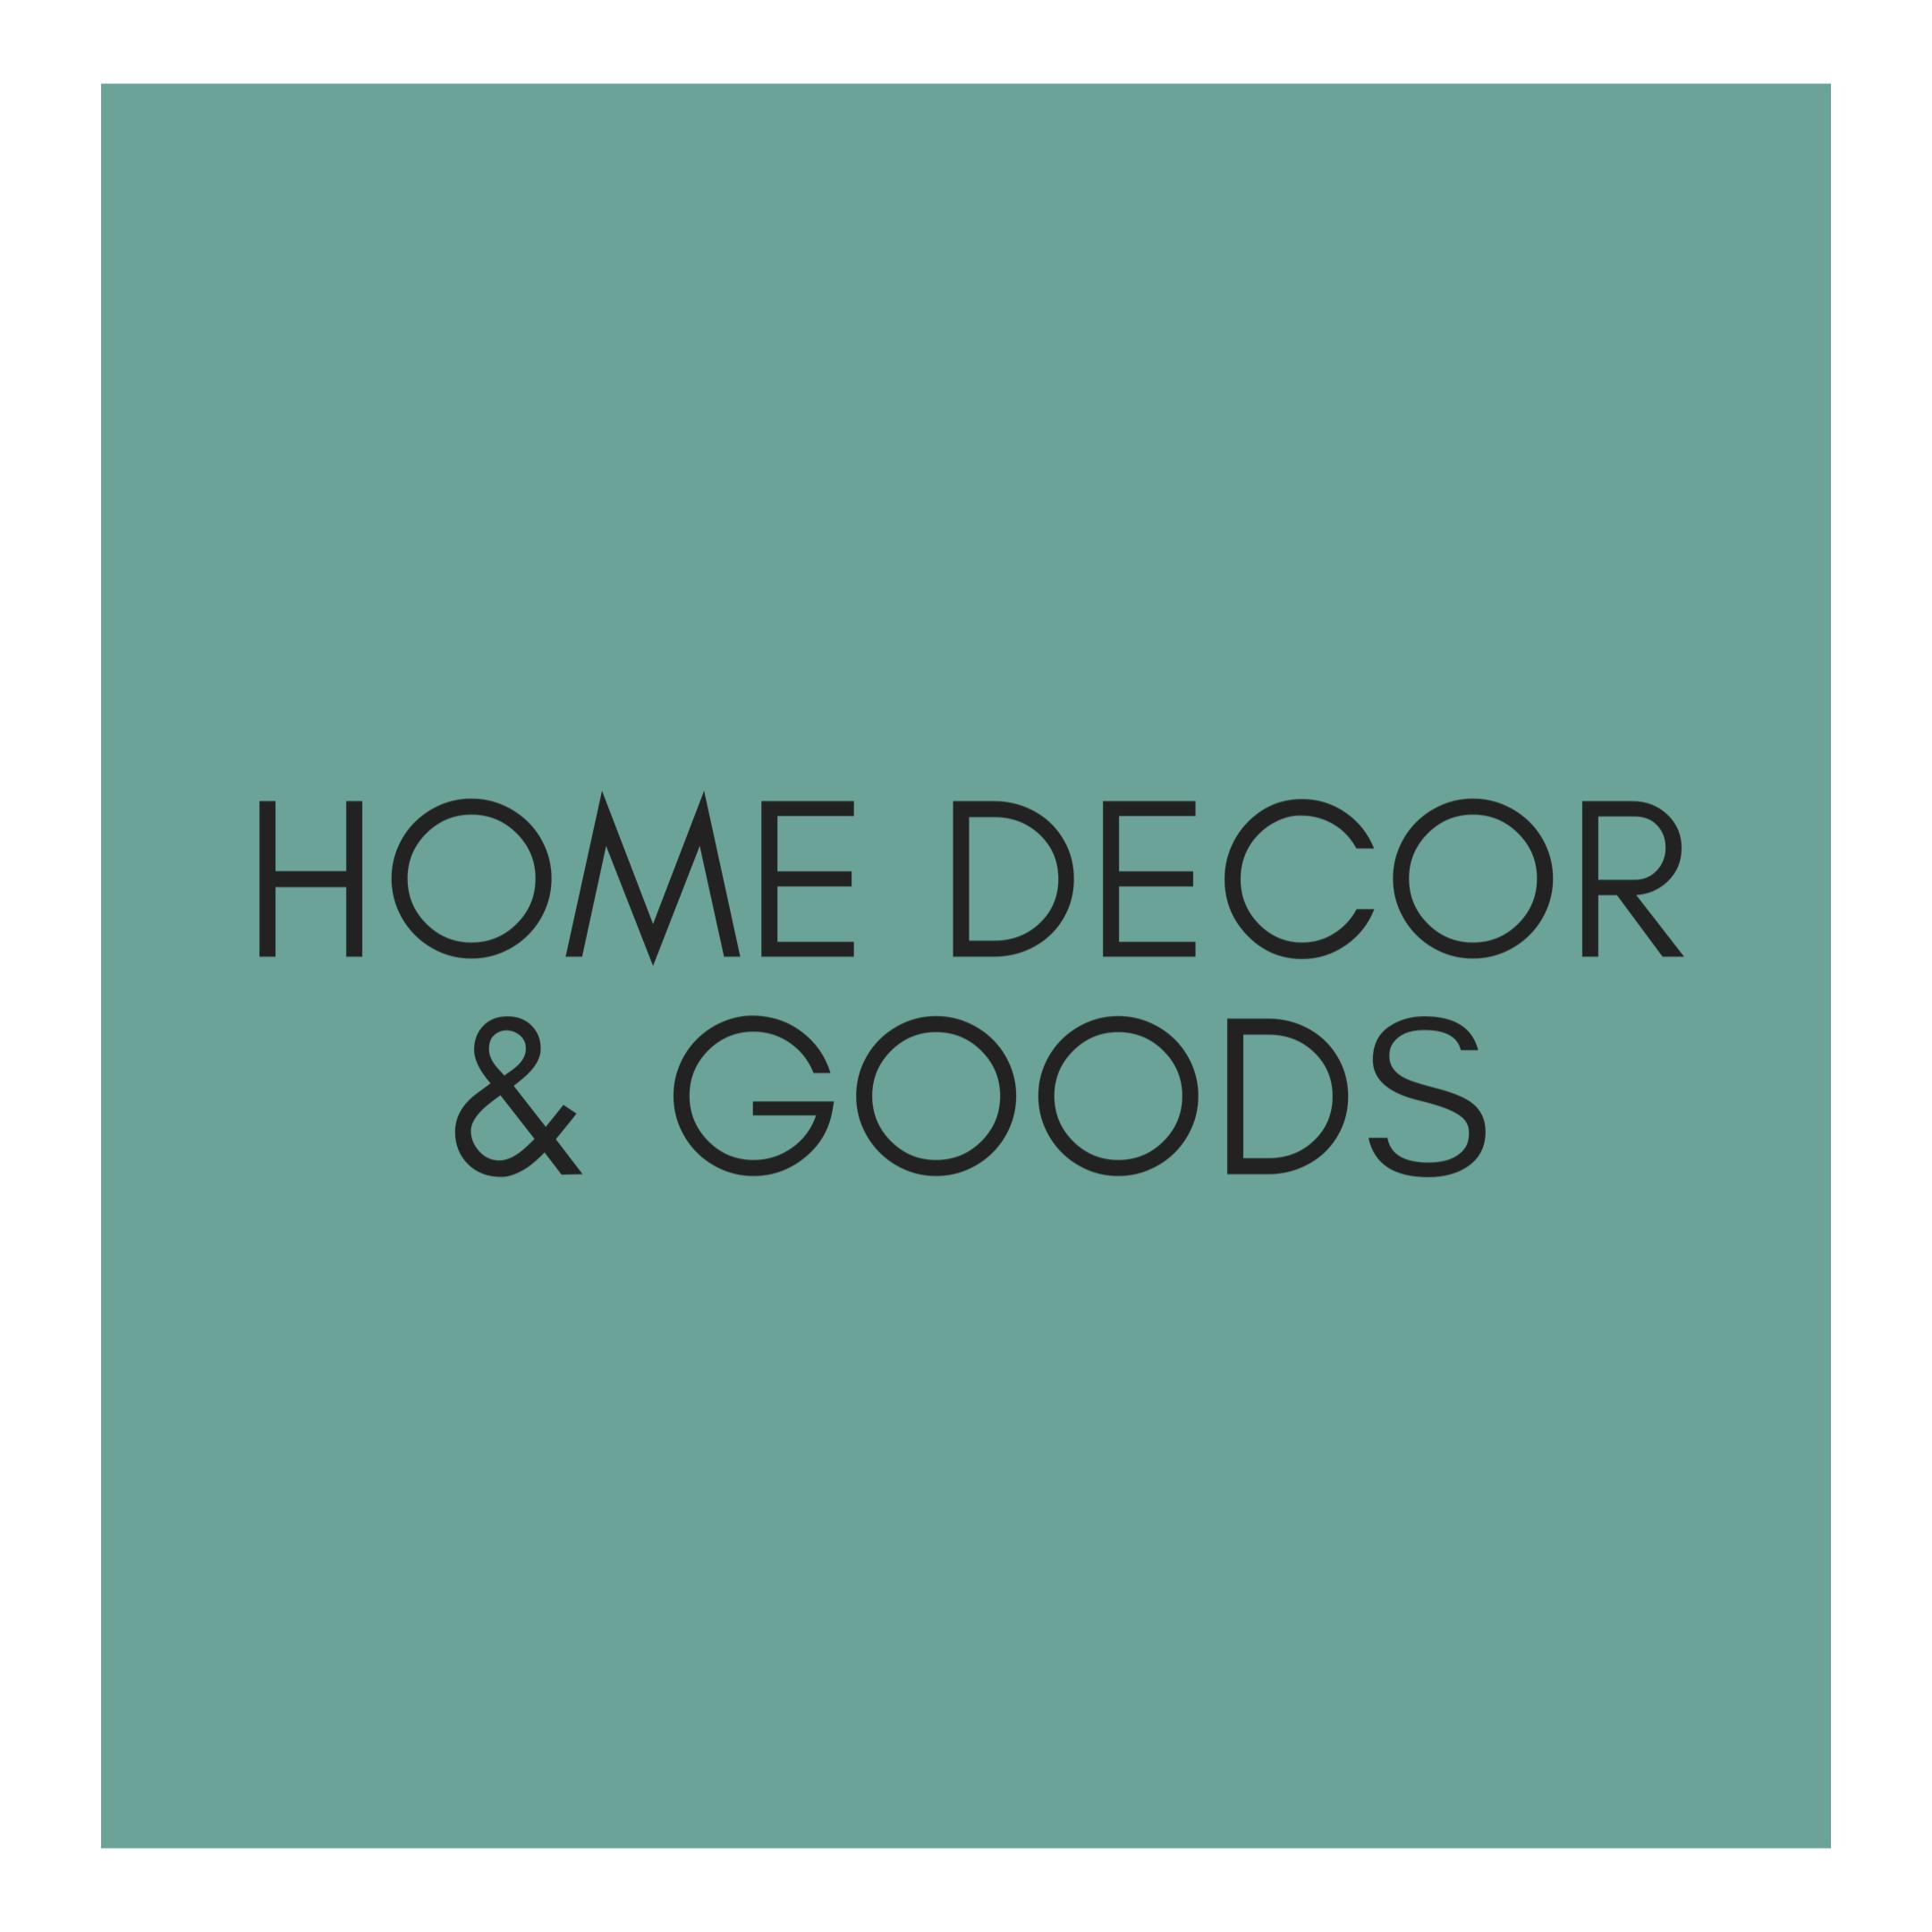 Home Decor & Goods